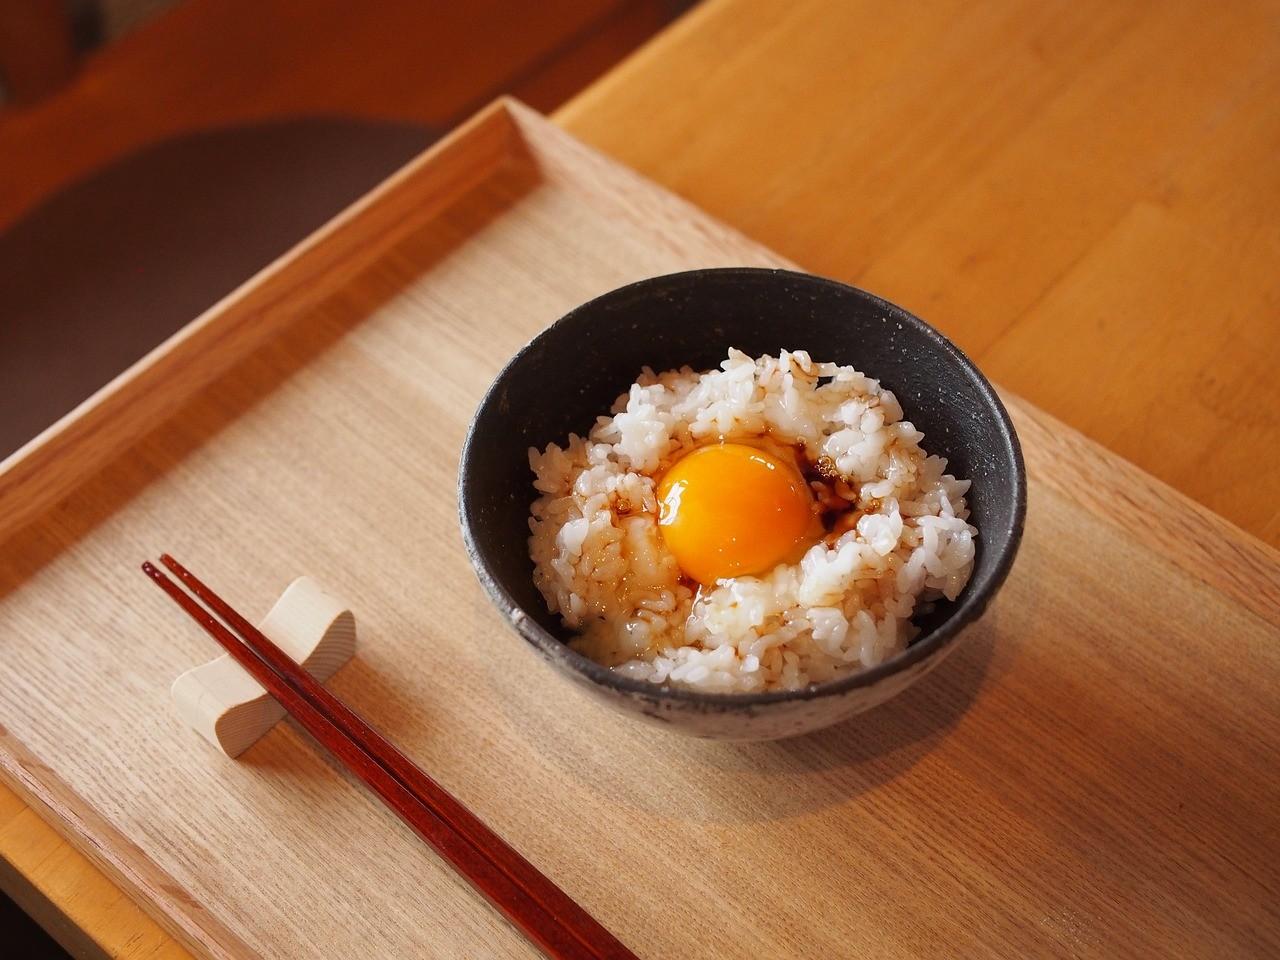 お米 卵かけご飯 食事 和食